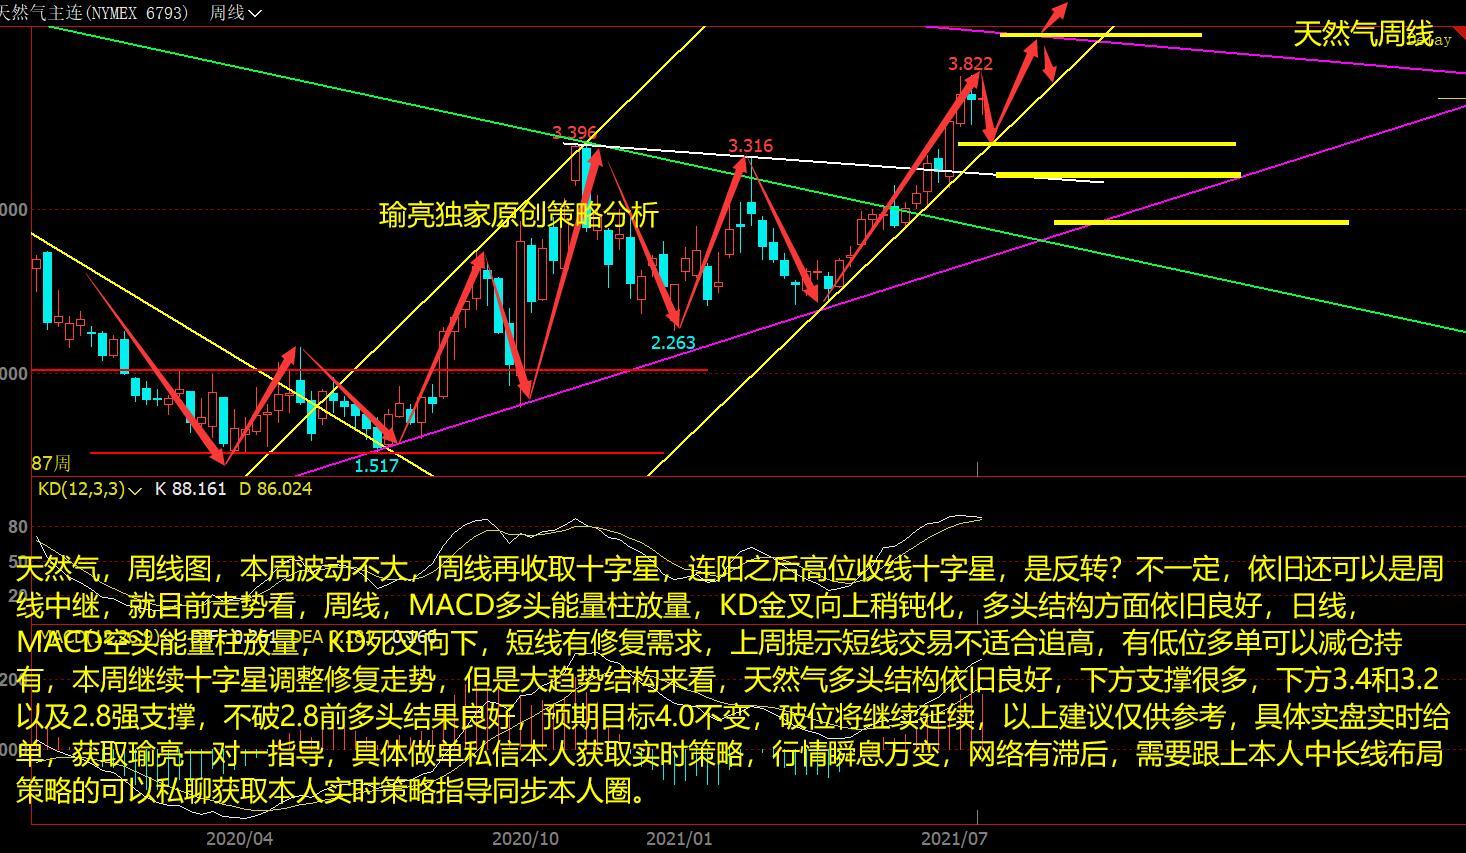 黄瑜亮:7-18周评天然气波动不大继续调整蓄势 看多结构依旧良好